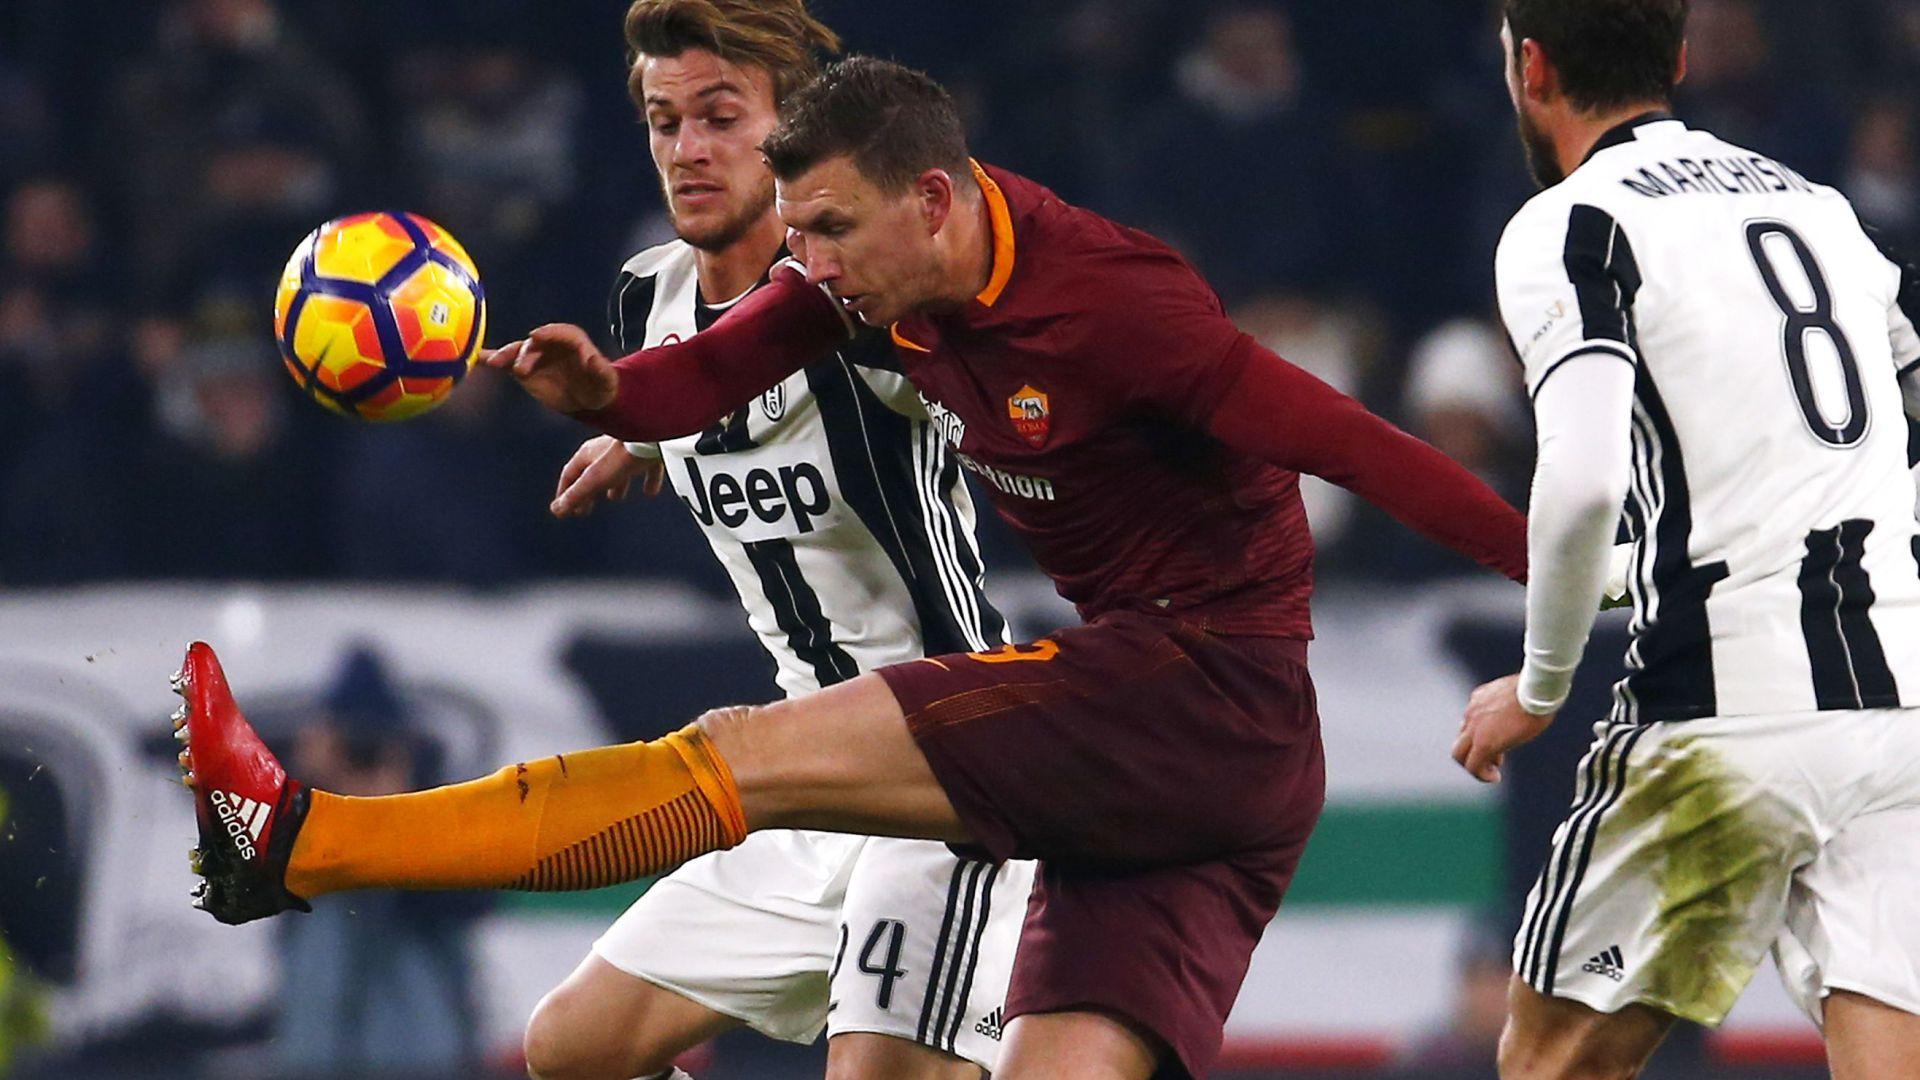 """Milani """"gjysmak"""" sfidon Fiorentinën, Juve-Roma derbi i madh"""